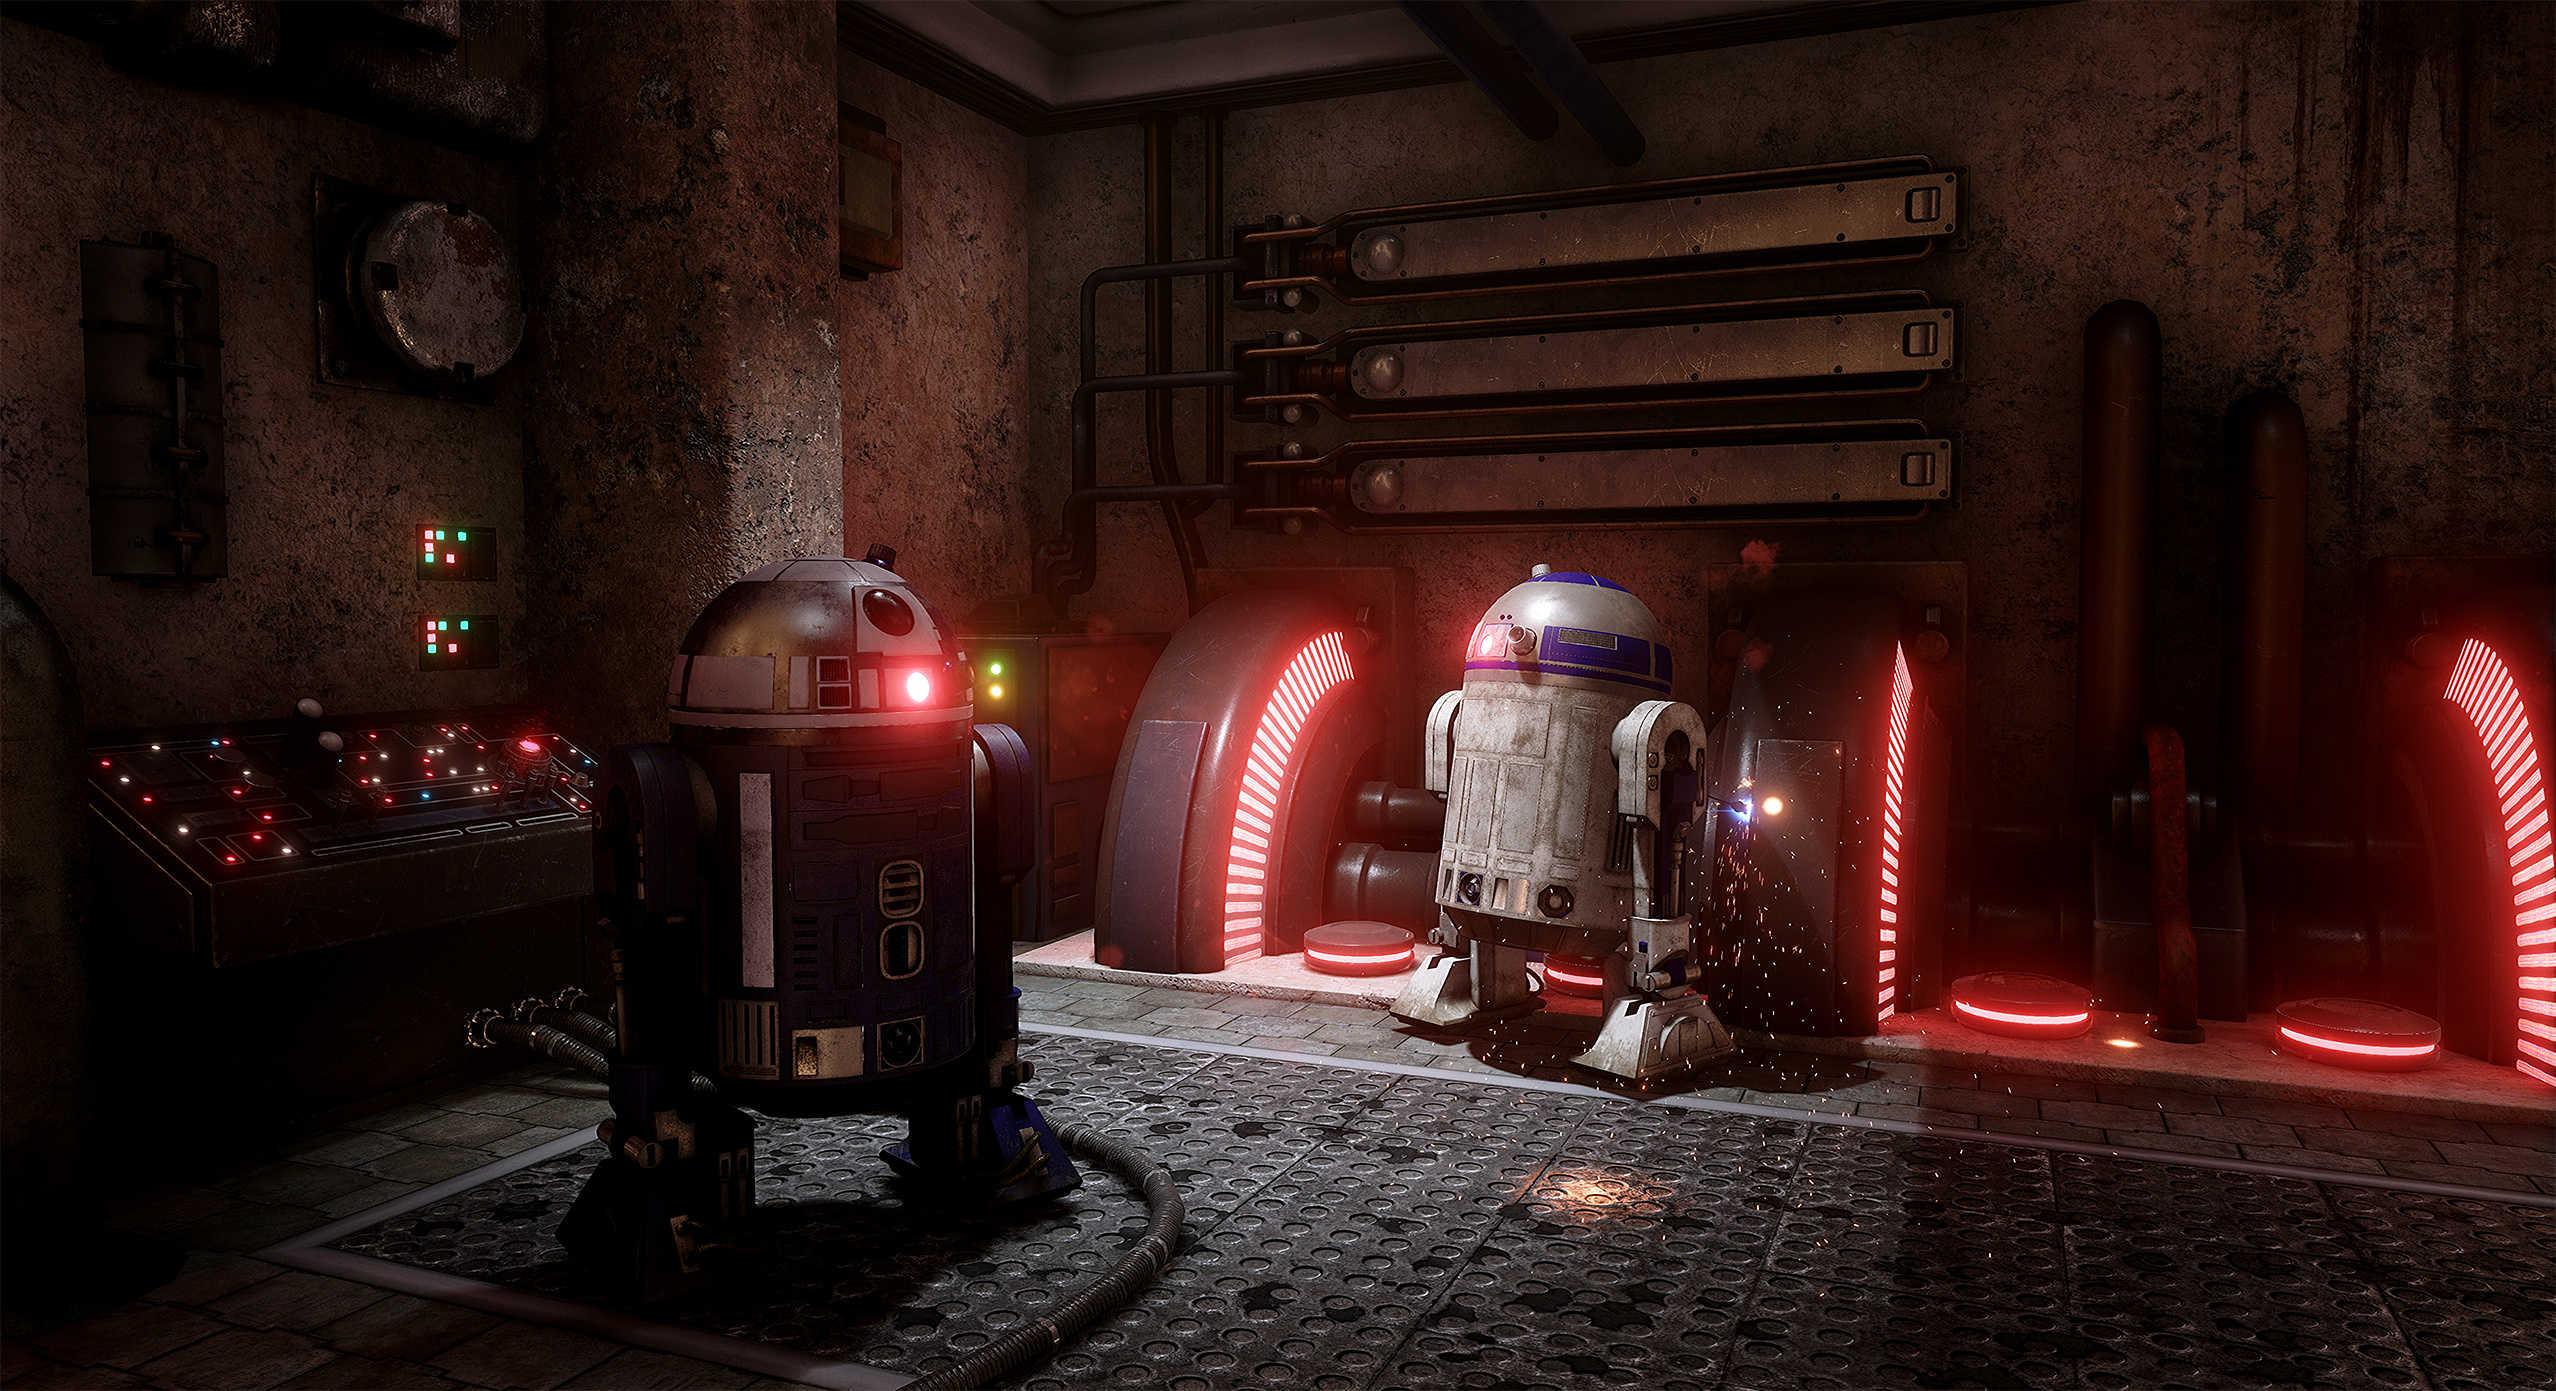 Vývojáři z Obsidianu vytvořili překrásnou Star Wars scenérii v enginu Unreal 4 130537